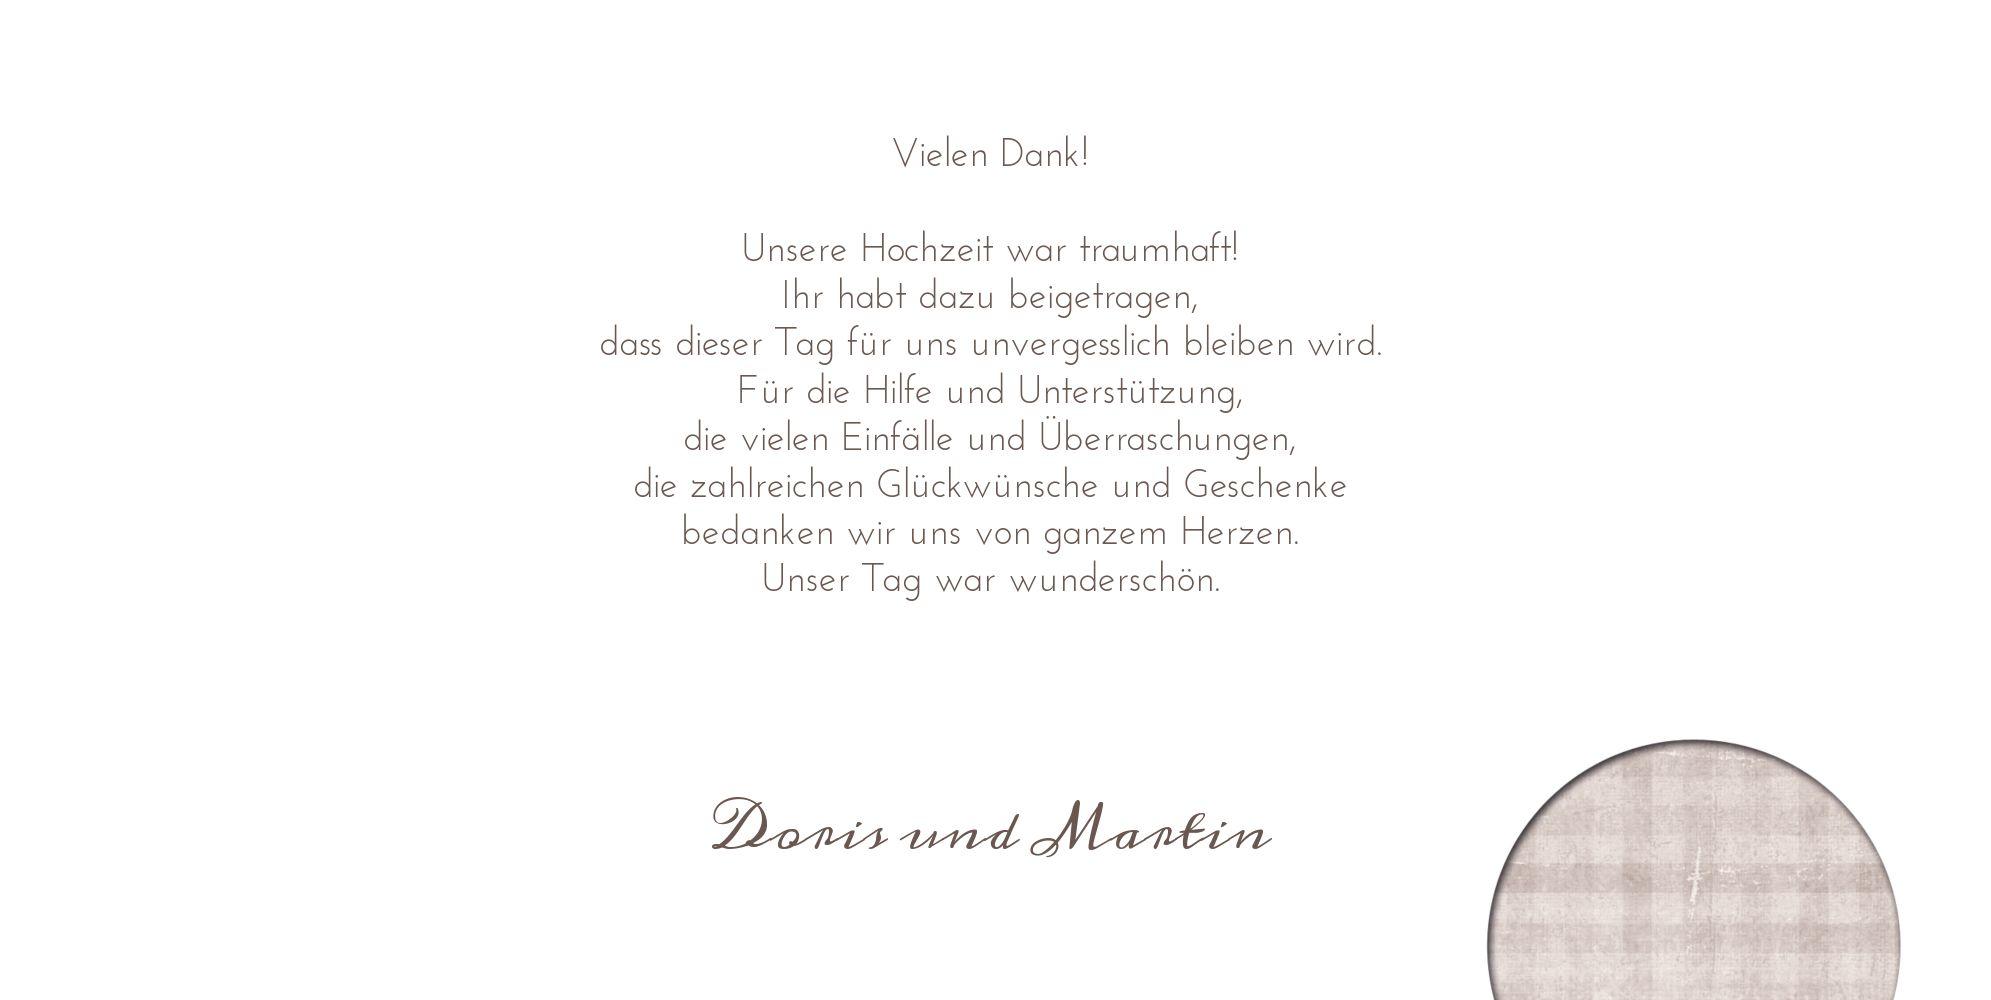 Ansicht 5 - Hochzeit Dankeskarte wedding harmony